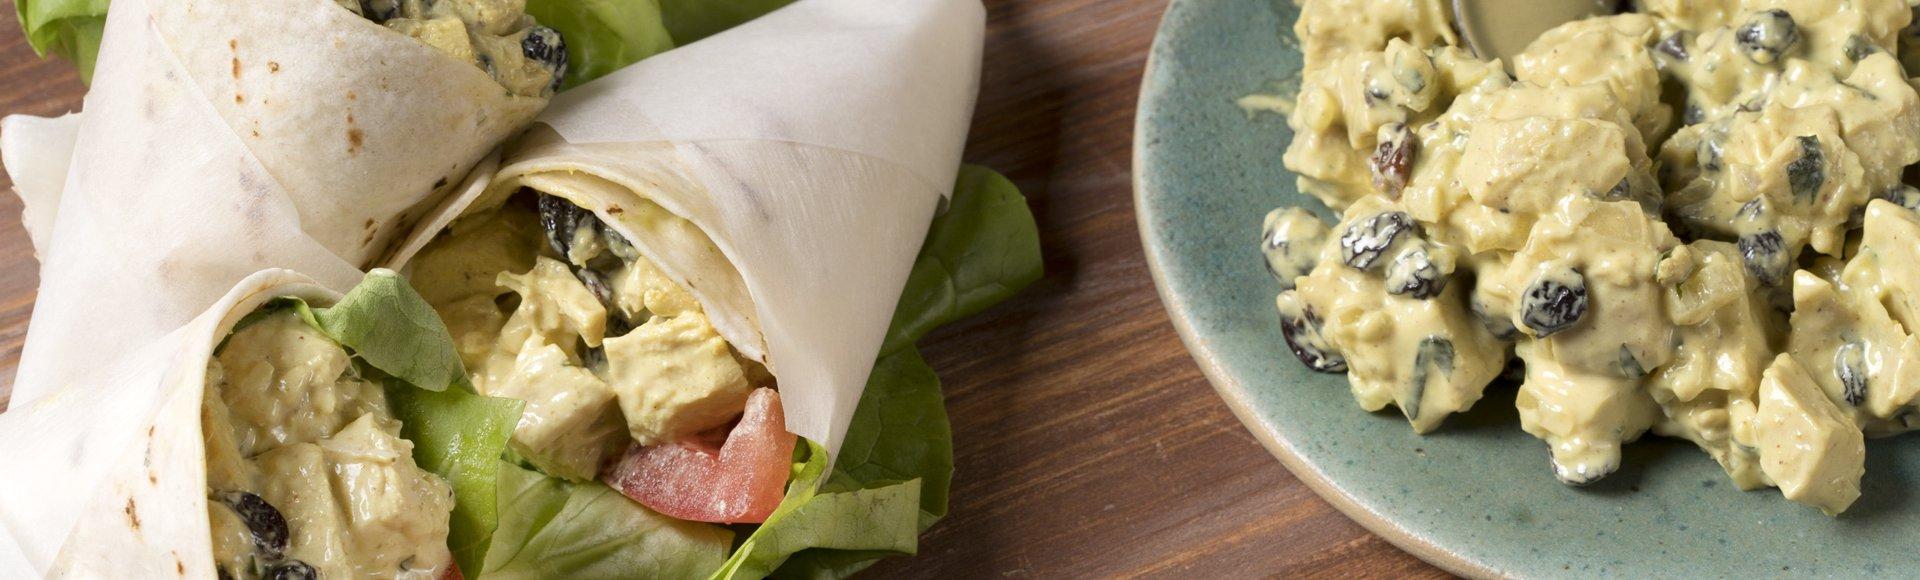 Τορτίγια wrap με κοτοσαλάτα, κάρι και σταφίδες